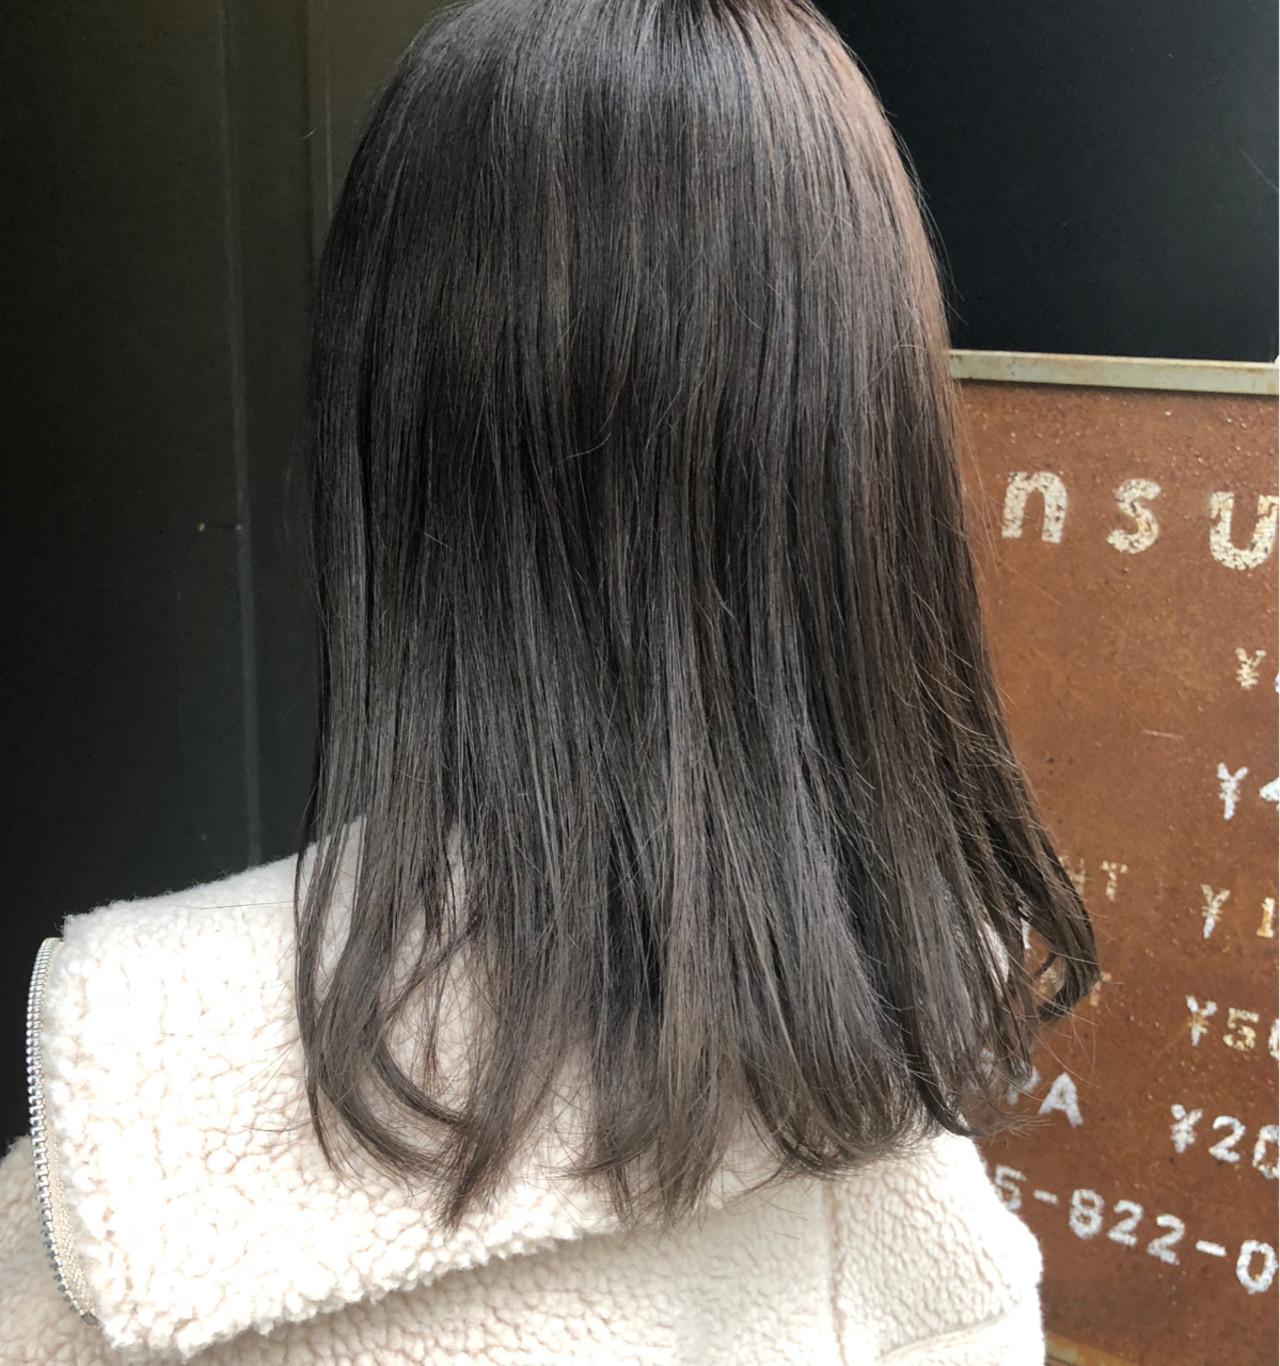 清楚にキメて♡ディープカラーのグレーヘア 岡田 菖